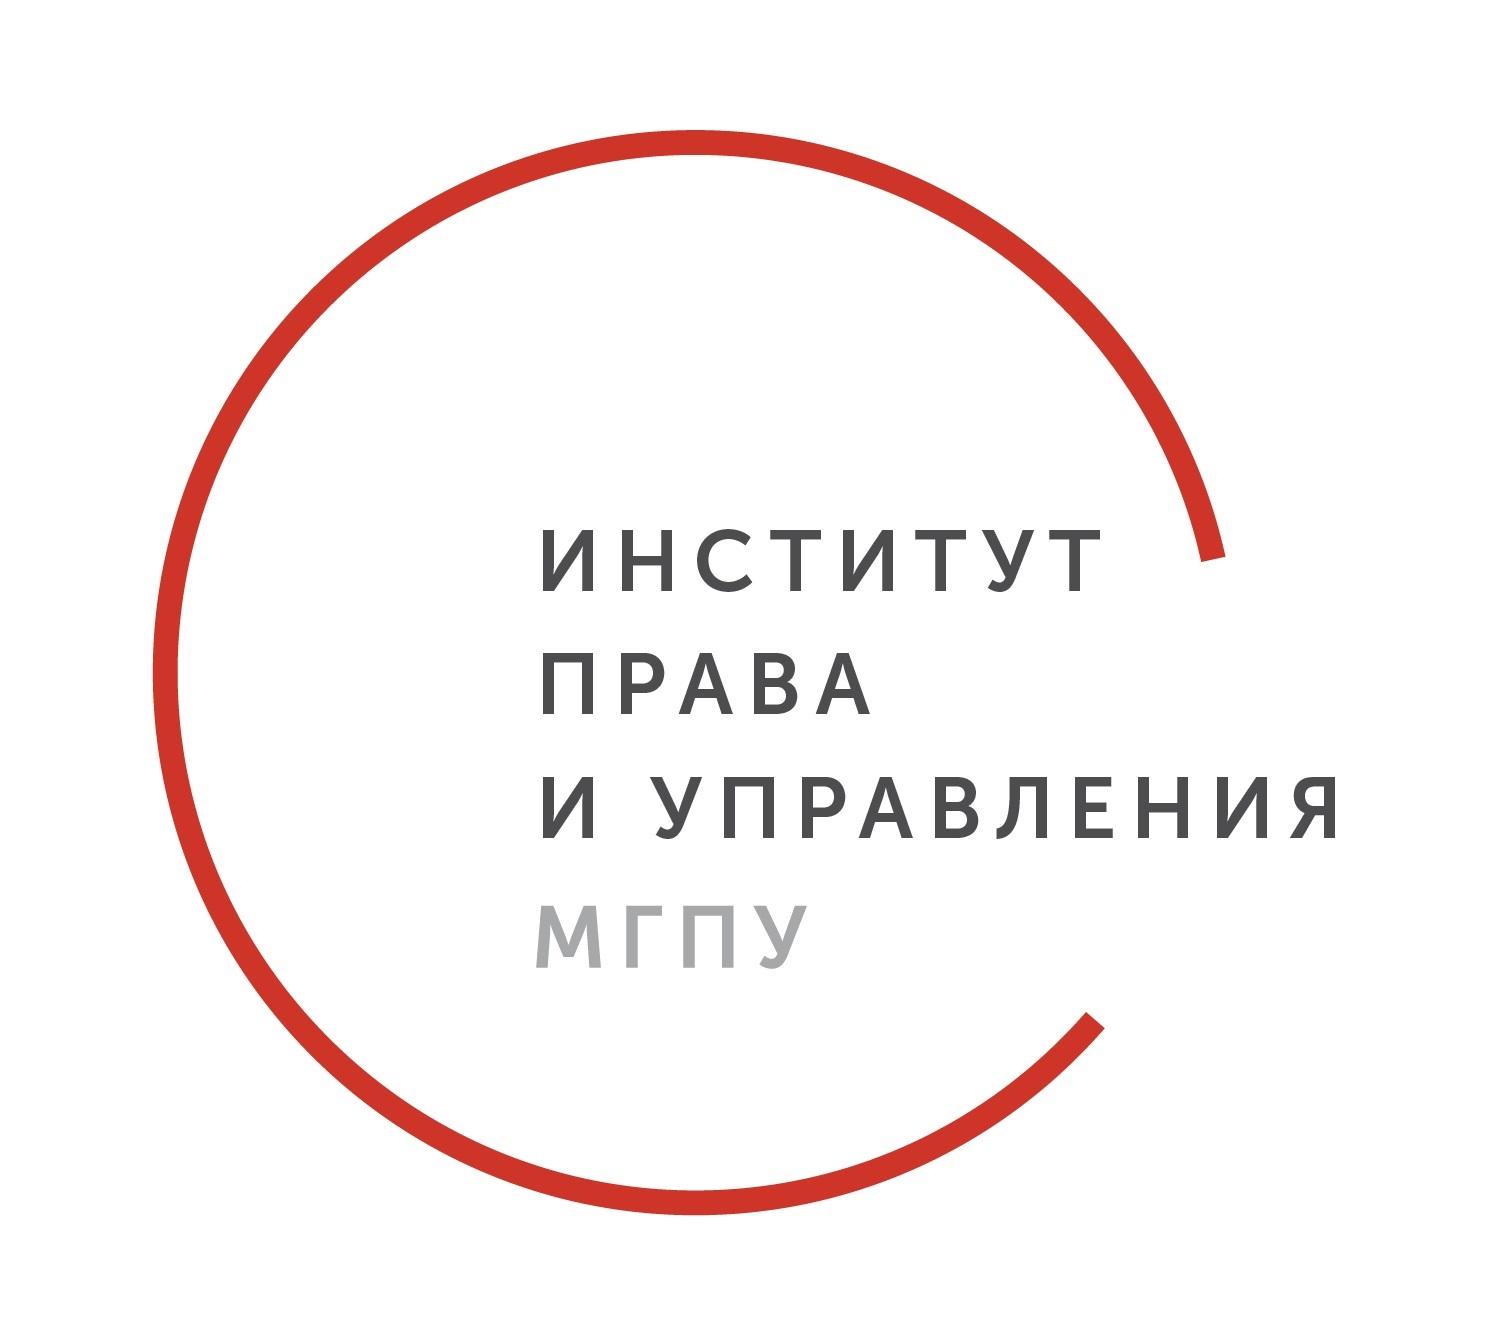 Институт права иуправления